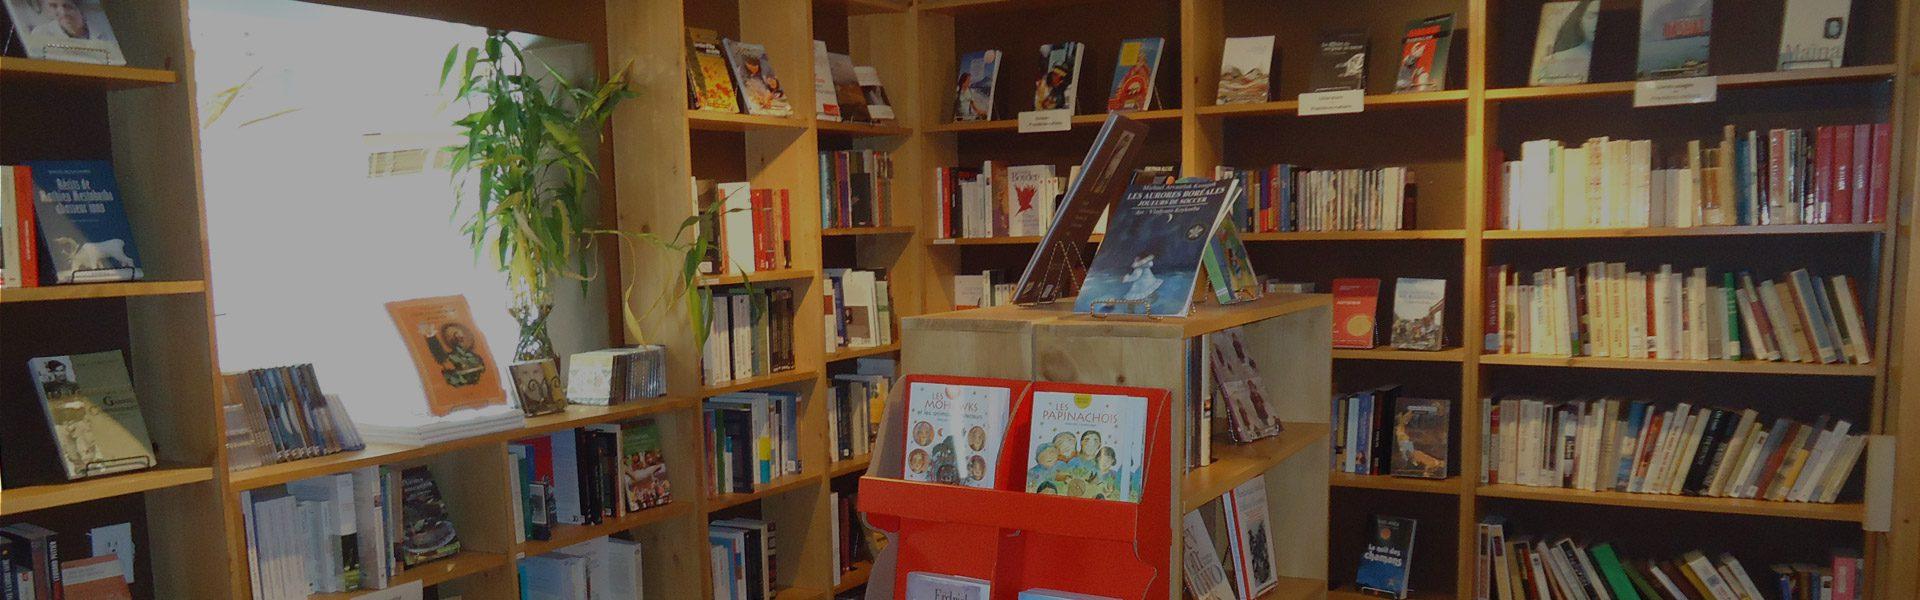 librairie-header